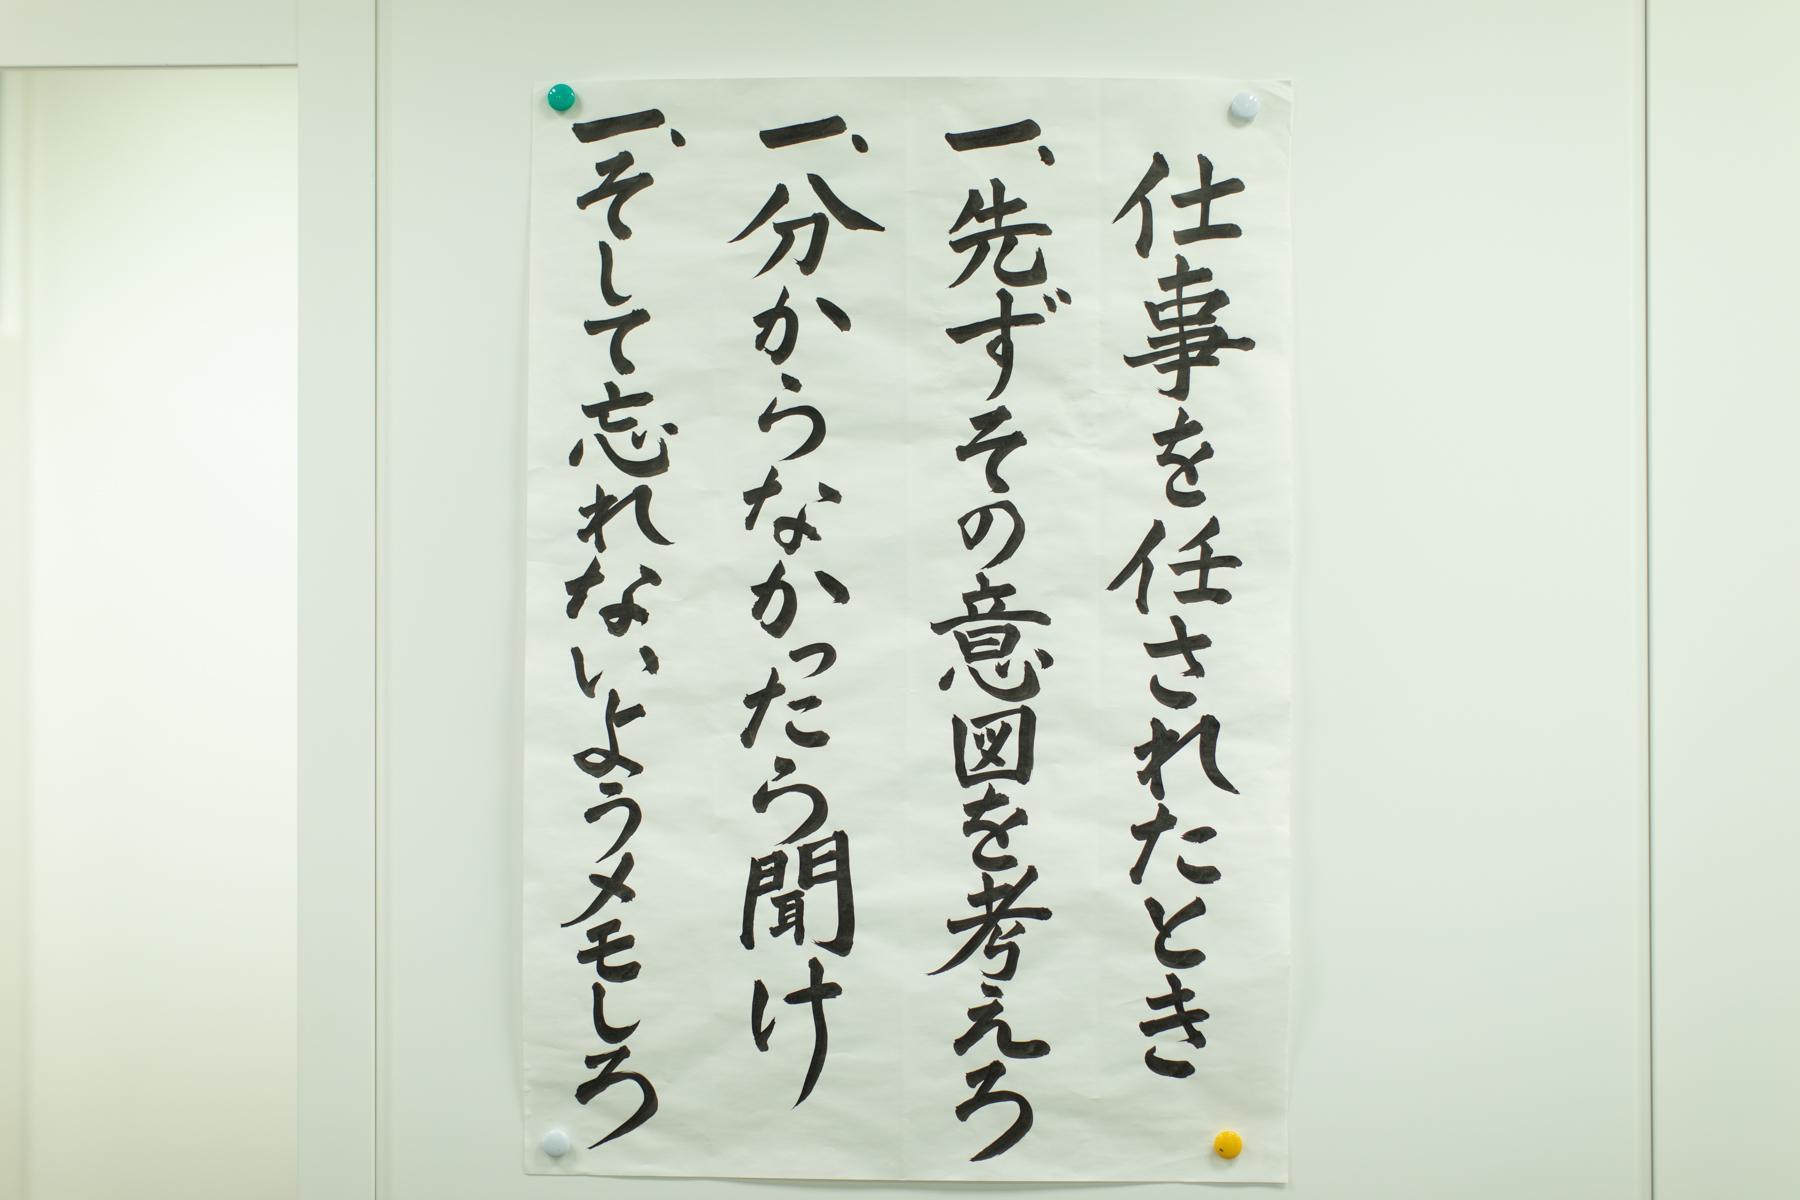 三上真司さんのメッセージ写真